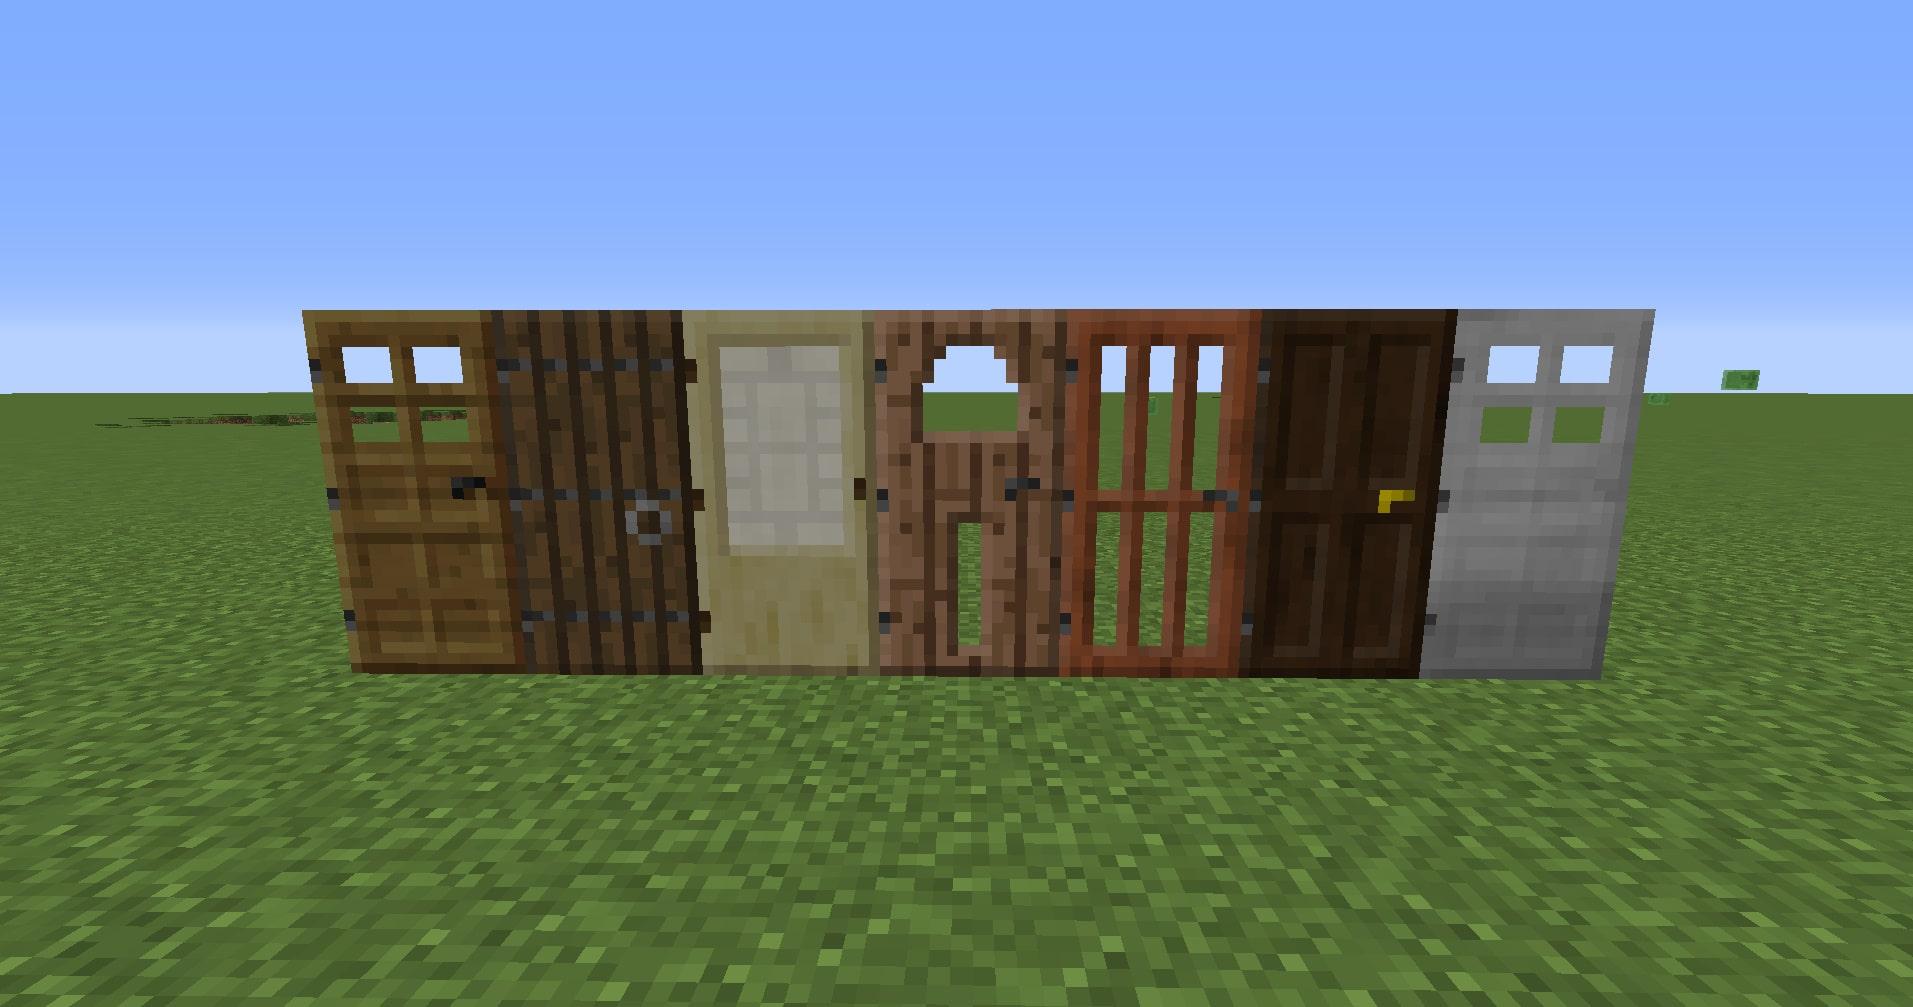 マインクラフト攻略 ドアの使い方